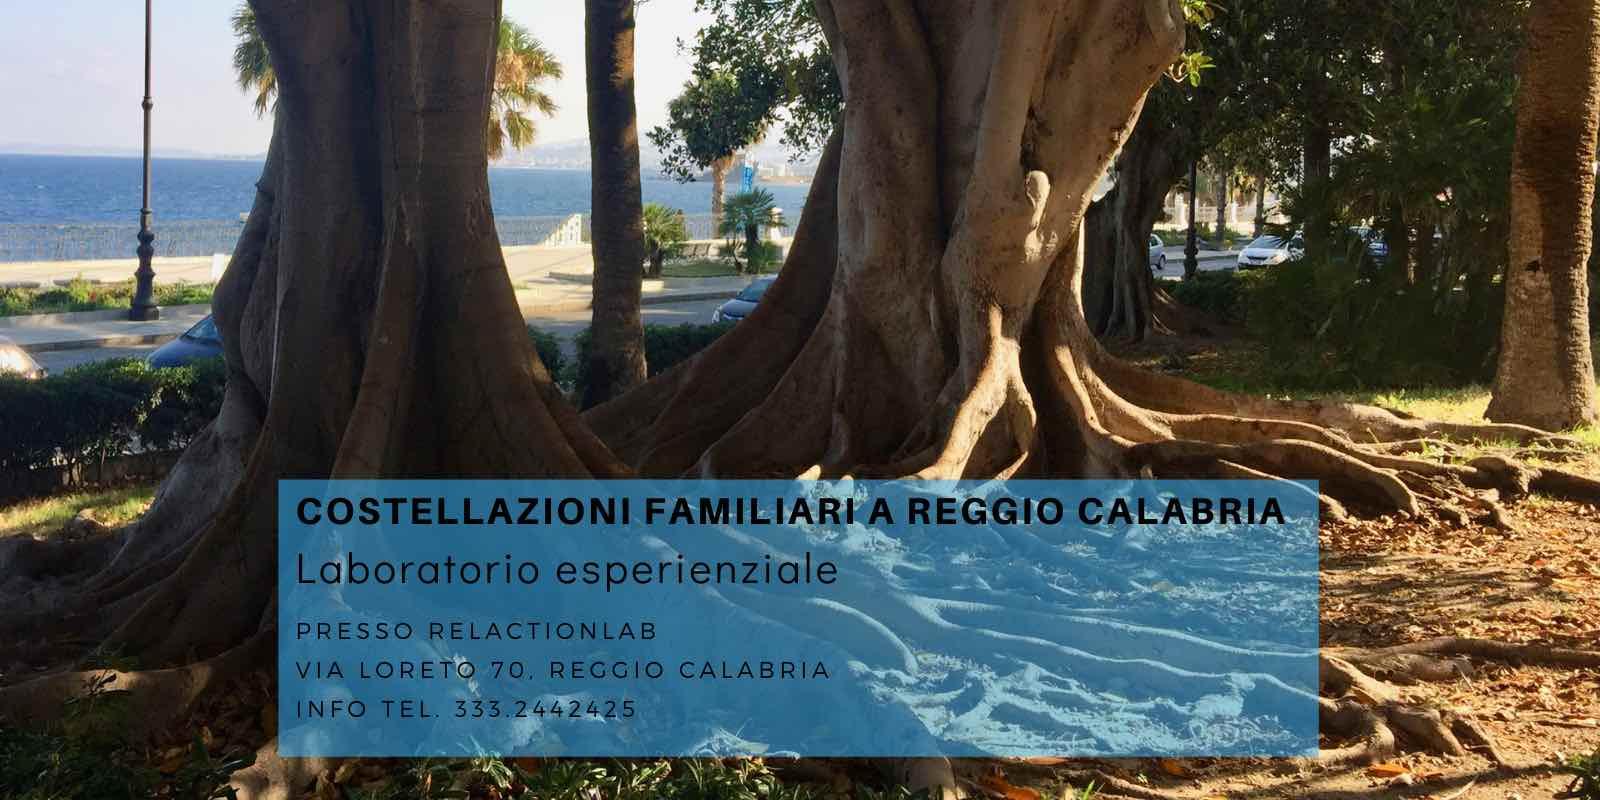 Costellazioni Familiari Reggio Calabria